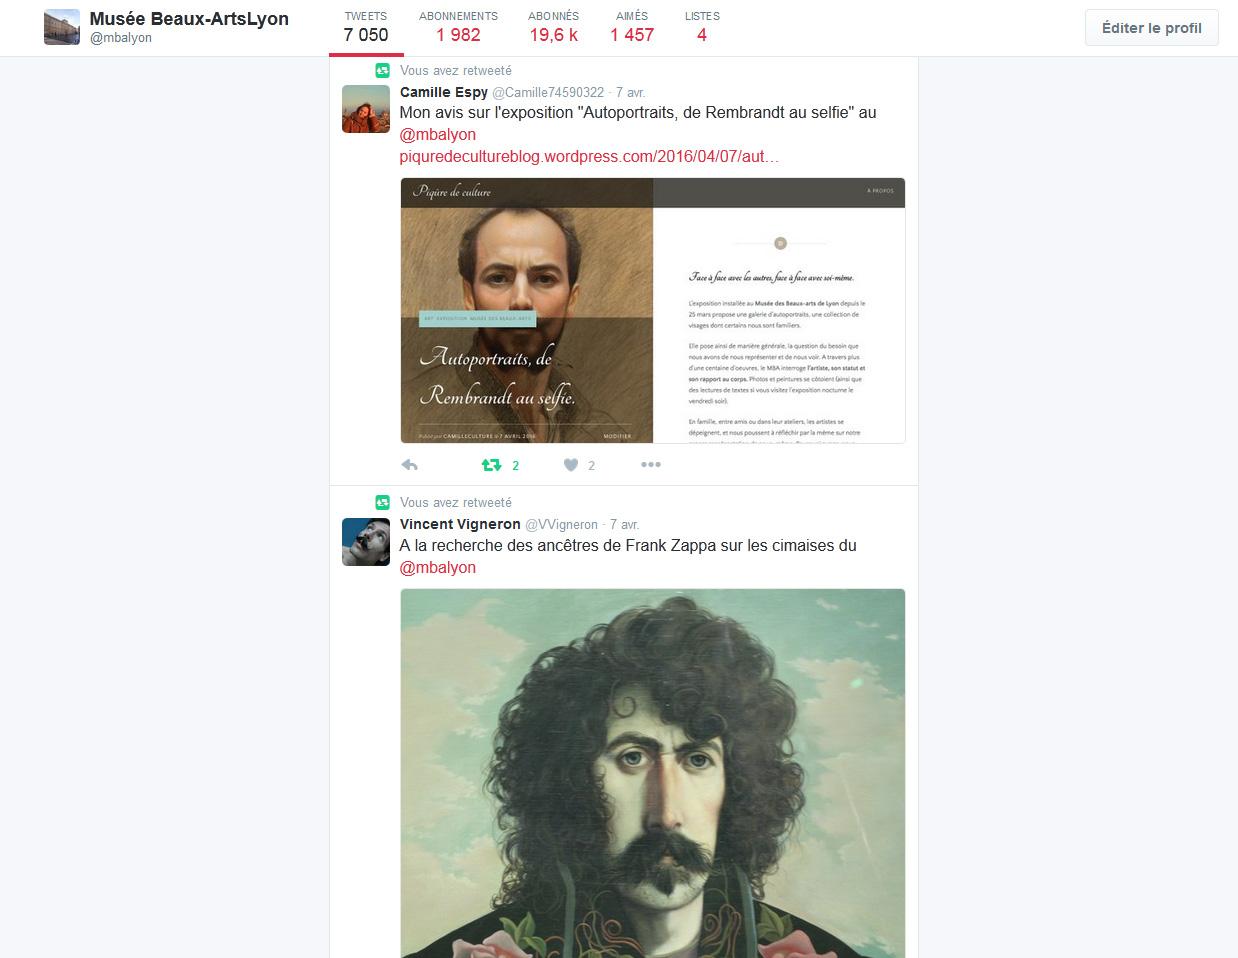 Twitter, un outil interactif indsipensable pour le Musée des Beaux-Arts de Lyon